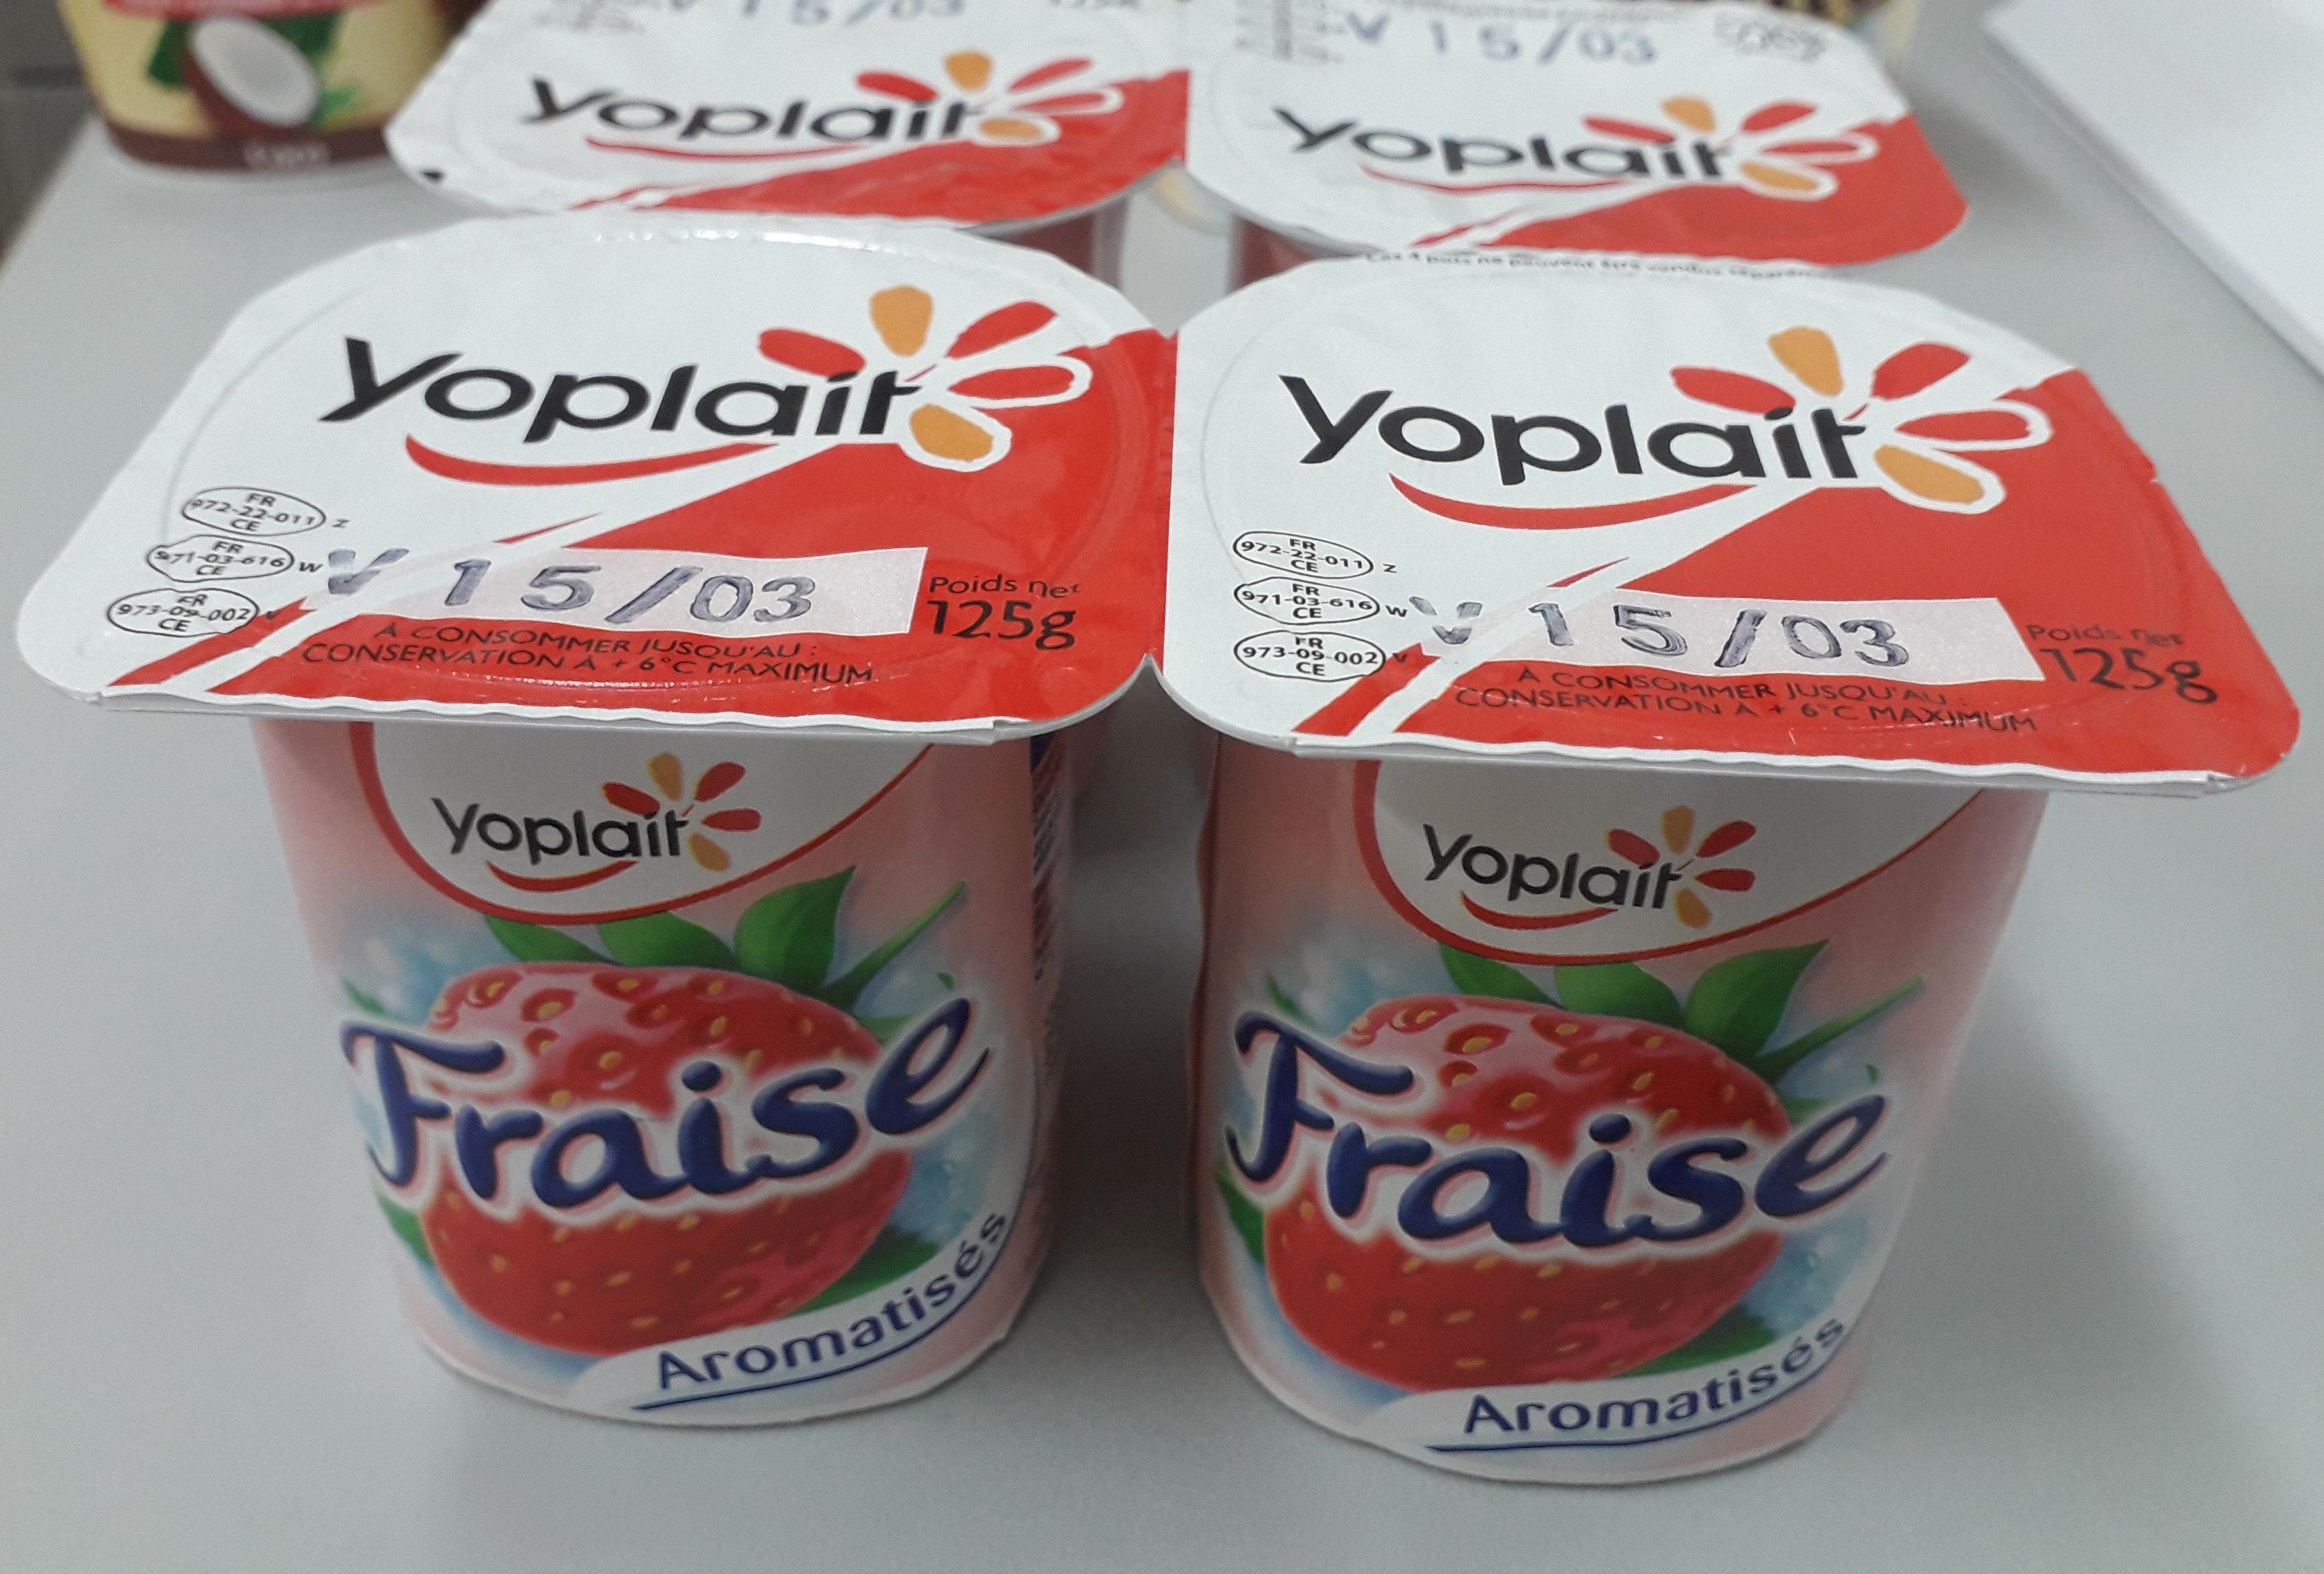 yaourt ferme aromatisé fraise - Product